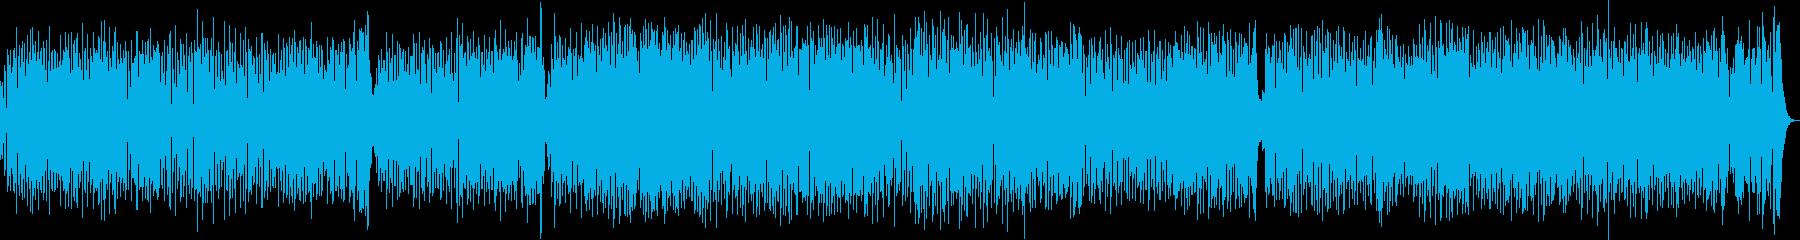 ユダヤ人のクレズマースタイルのイン...の再生済みの波形